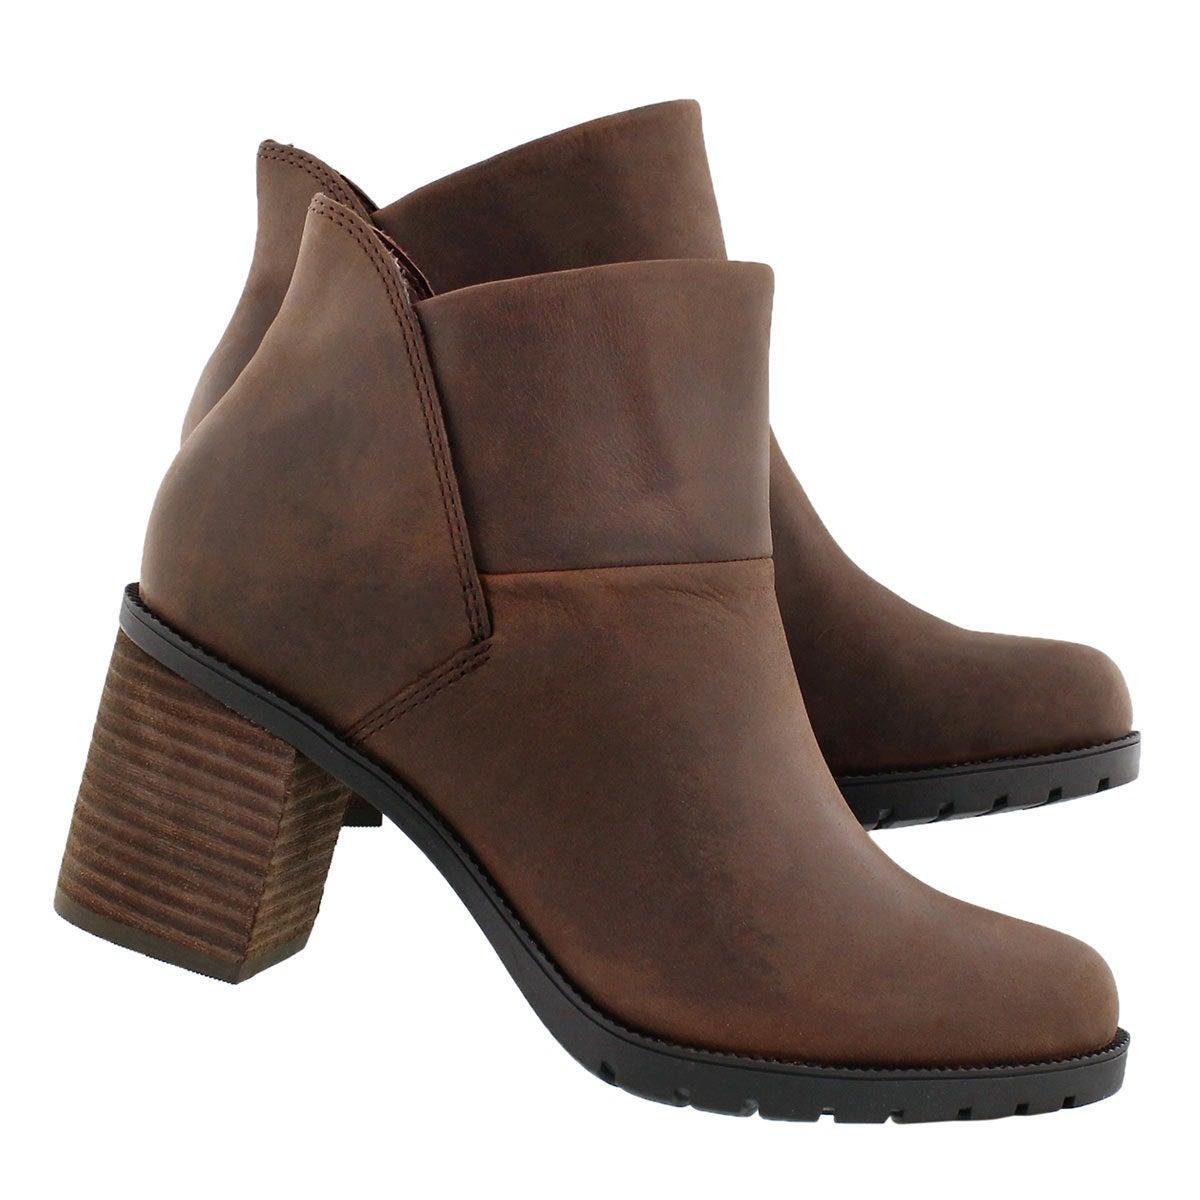 Lds Malvet Helen brn slip on ankle boot